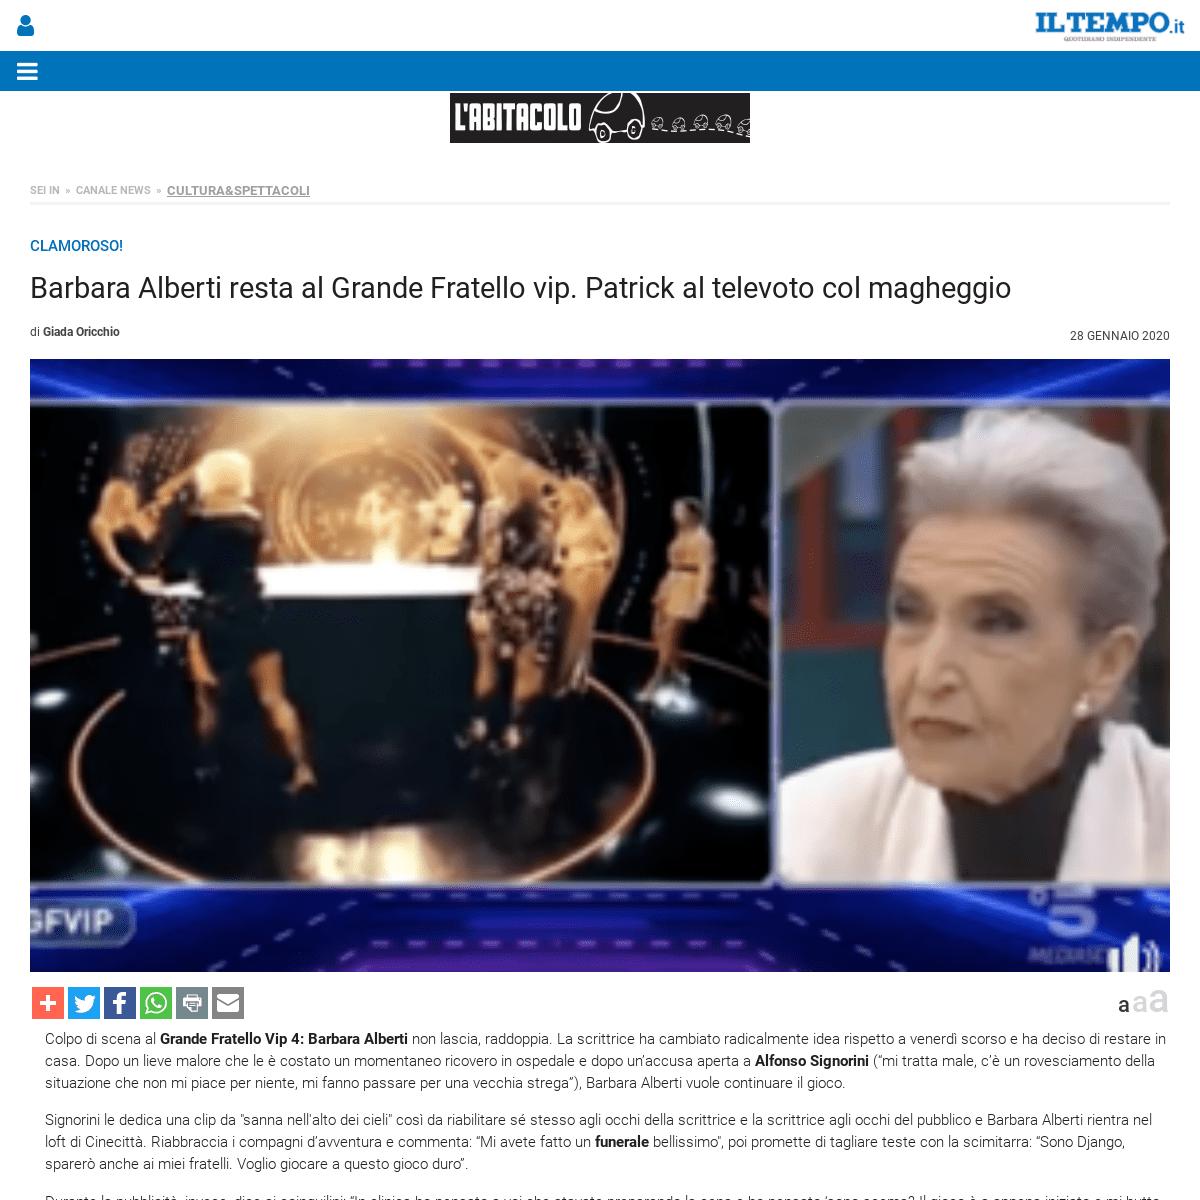 Barbara Alberti resta al Grande Fratello vip. Patrick al televoto col magheggio - Il Tempo